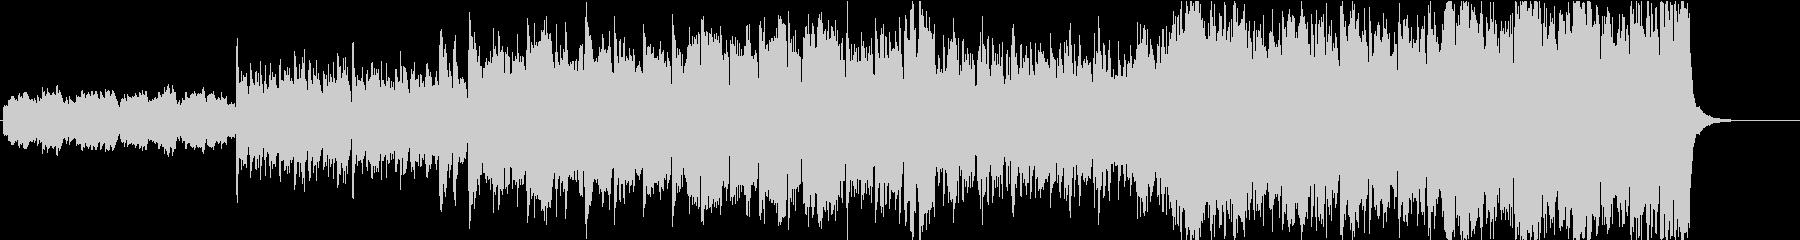 グロッケン主体のメルヘンなオーケストラの未再生の波形